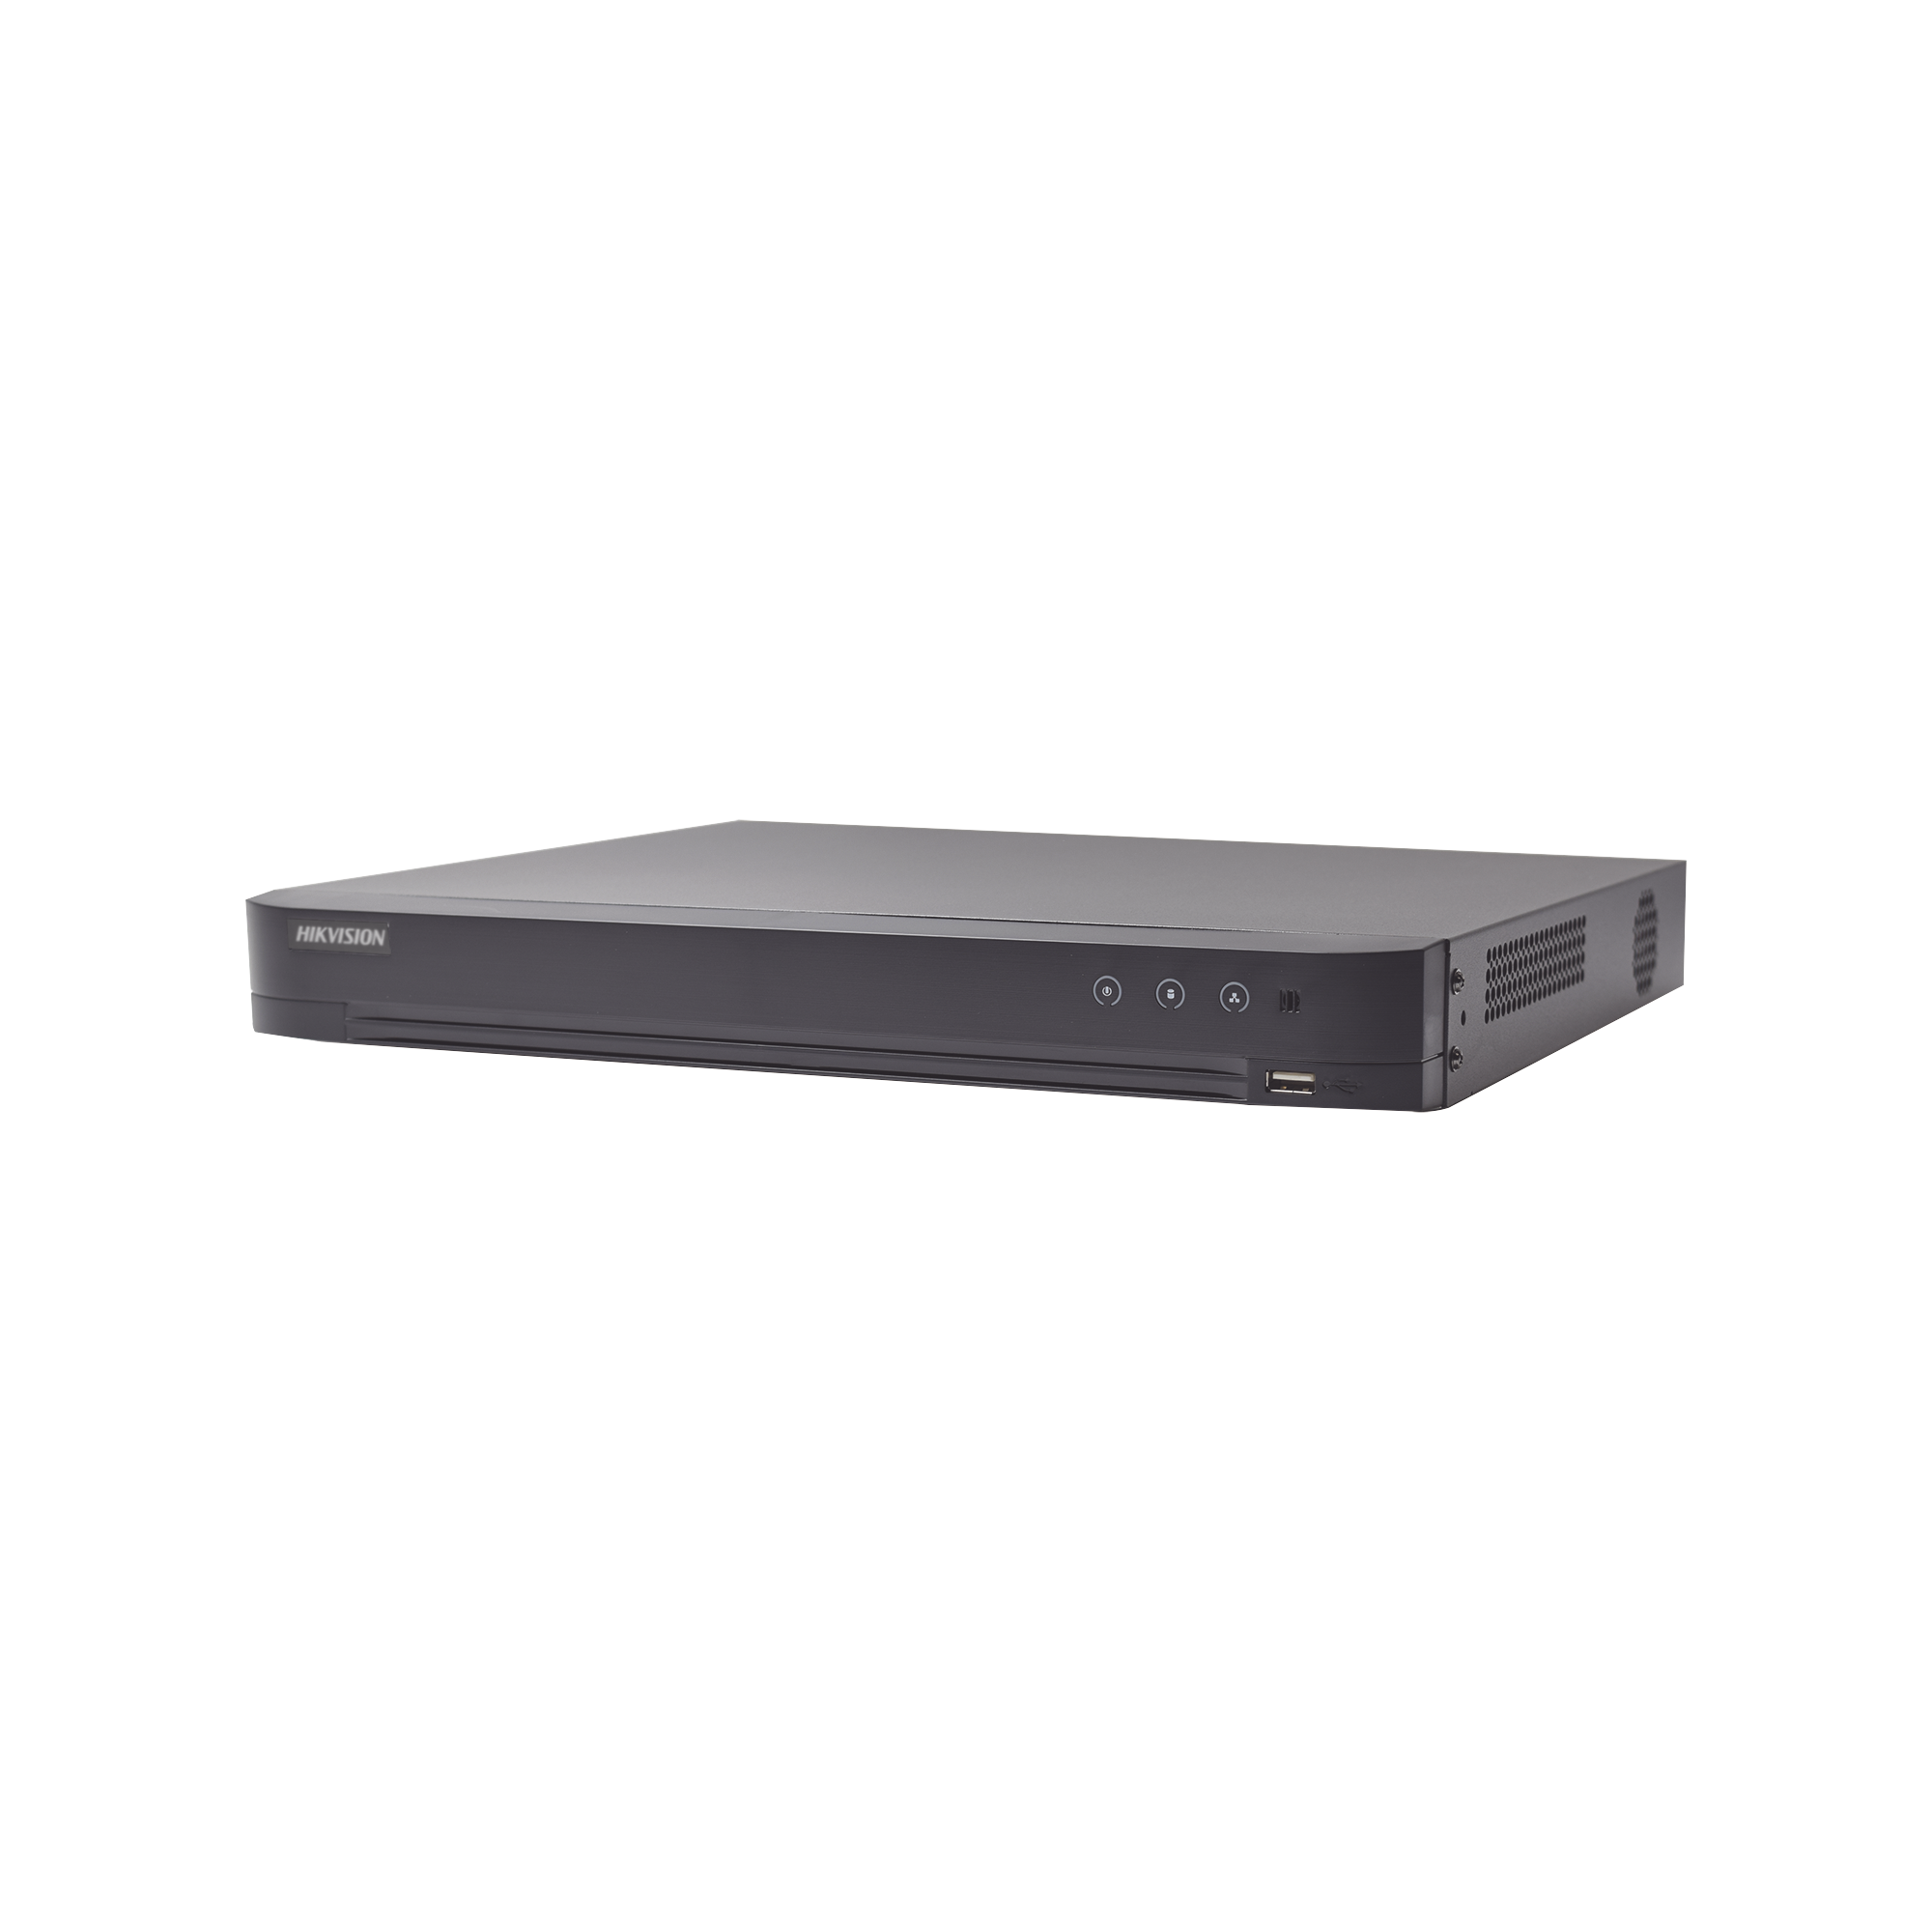 DVR 4 Megapixel / 8 Canales TURBOHD + 4 Canales IP / Detección de Rostros / 1 Bahía de Disco Duro / 1 Canal de Audio